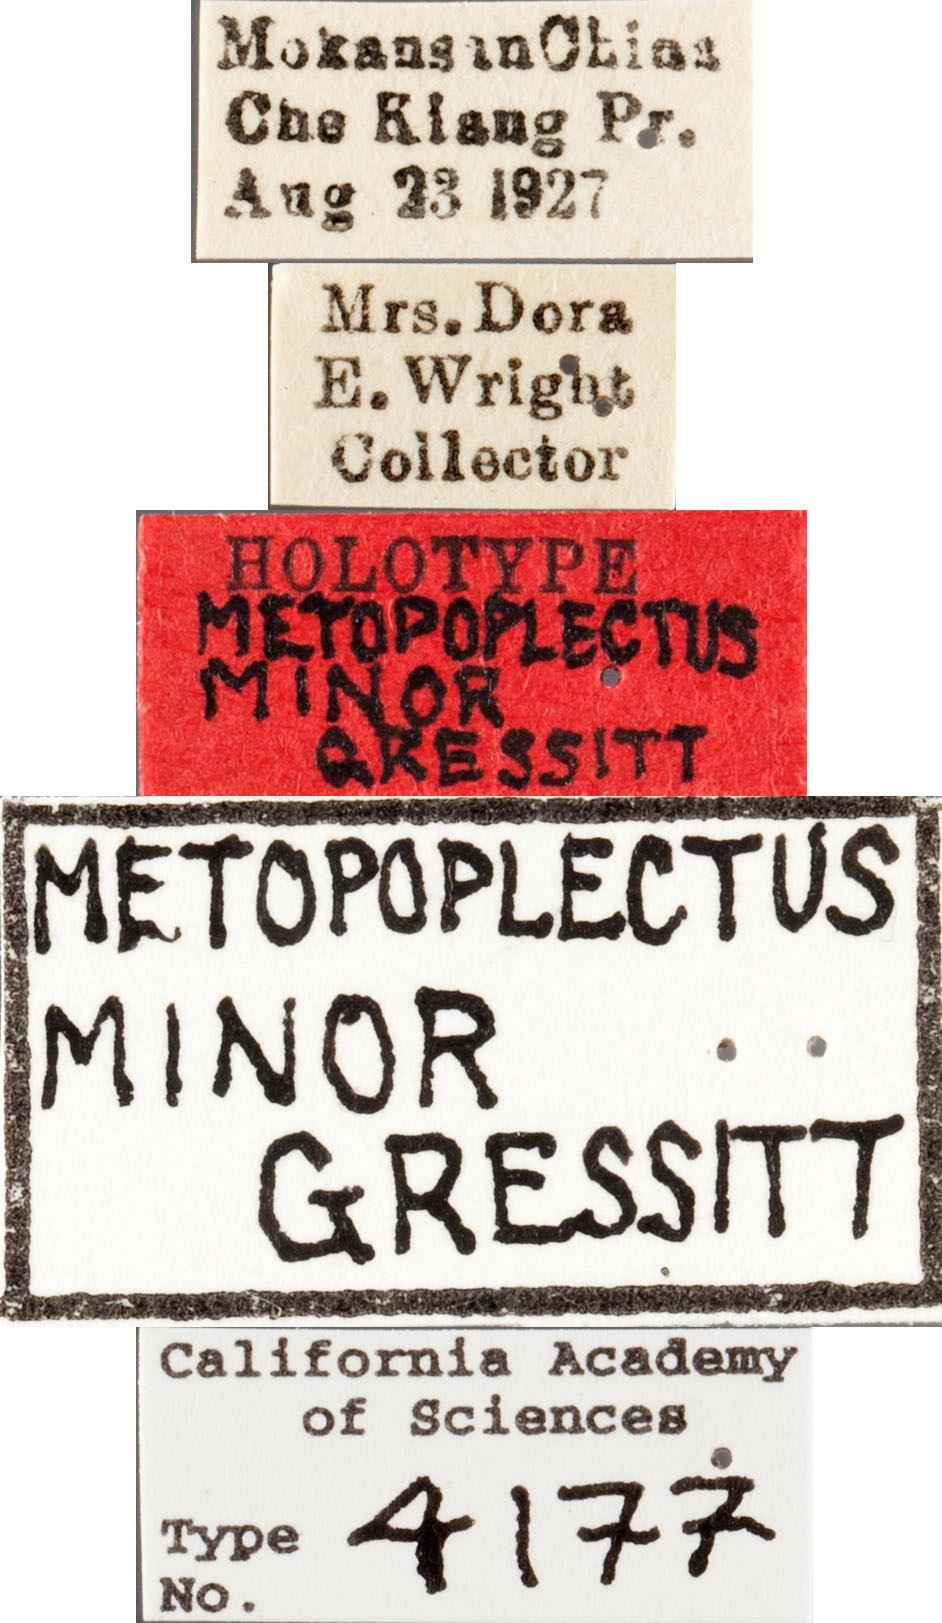 Metopoplectus minor image